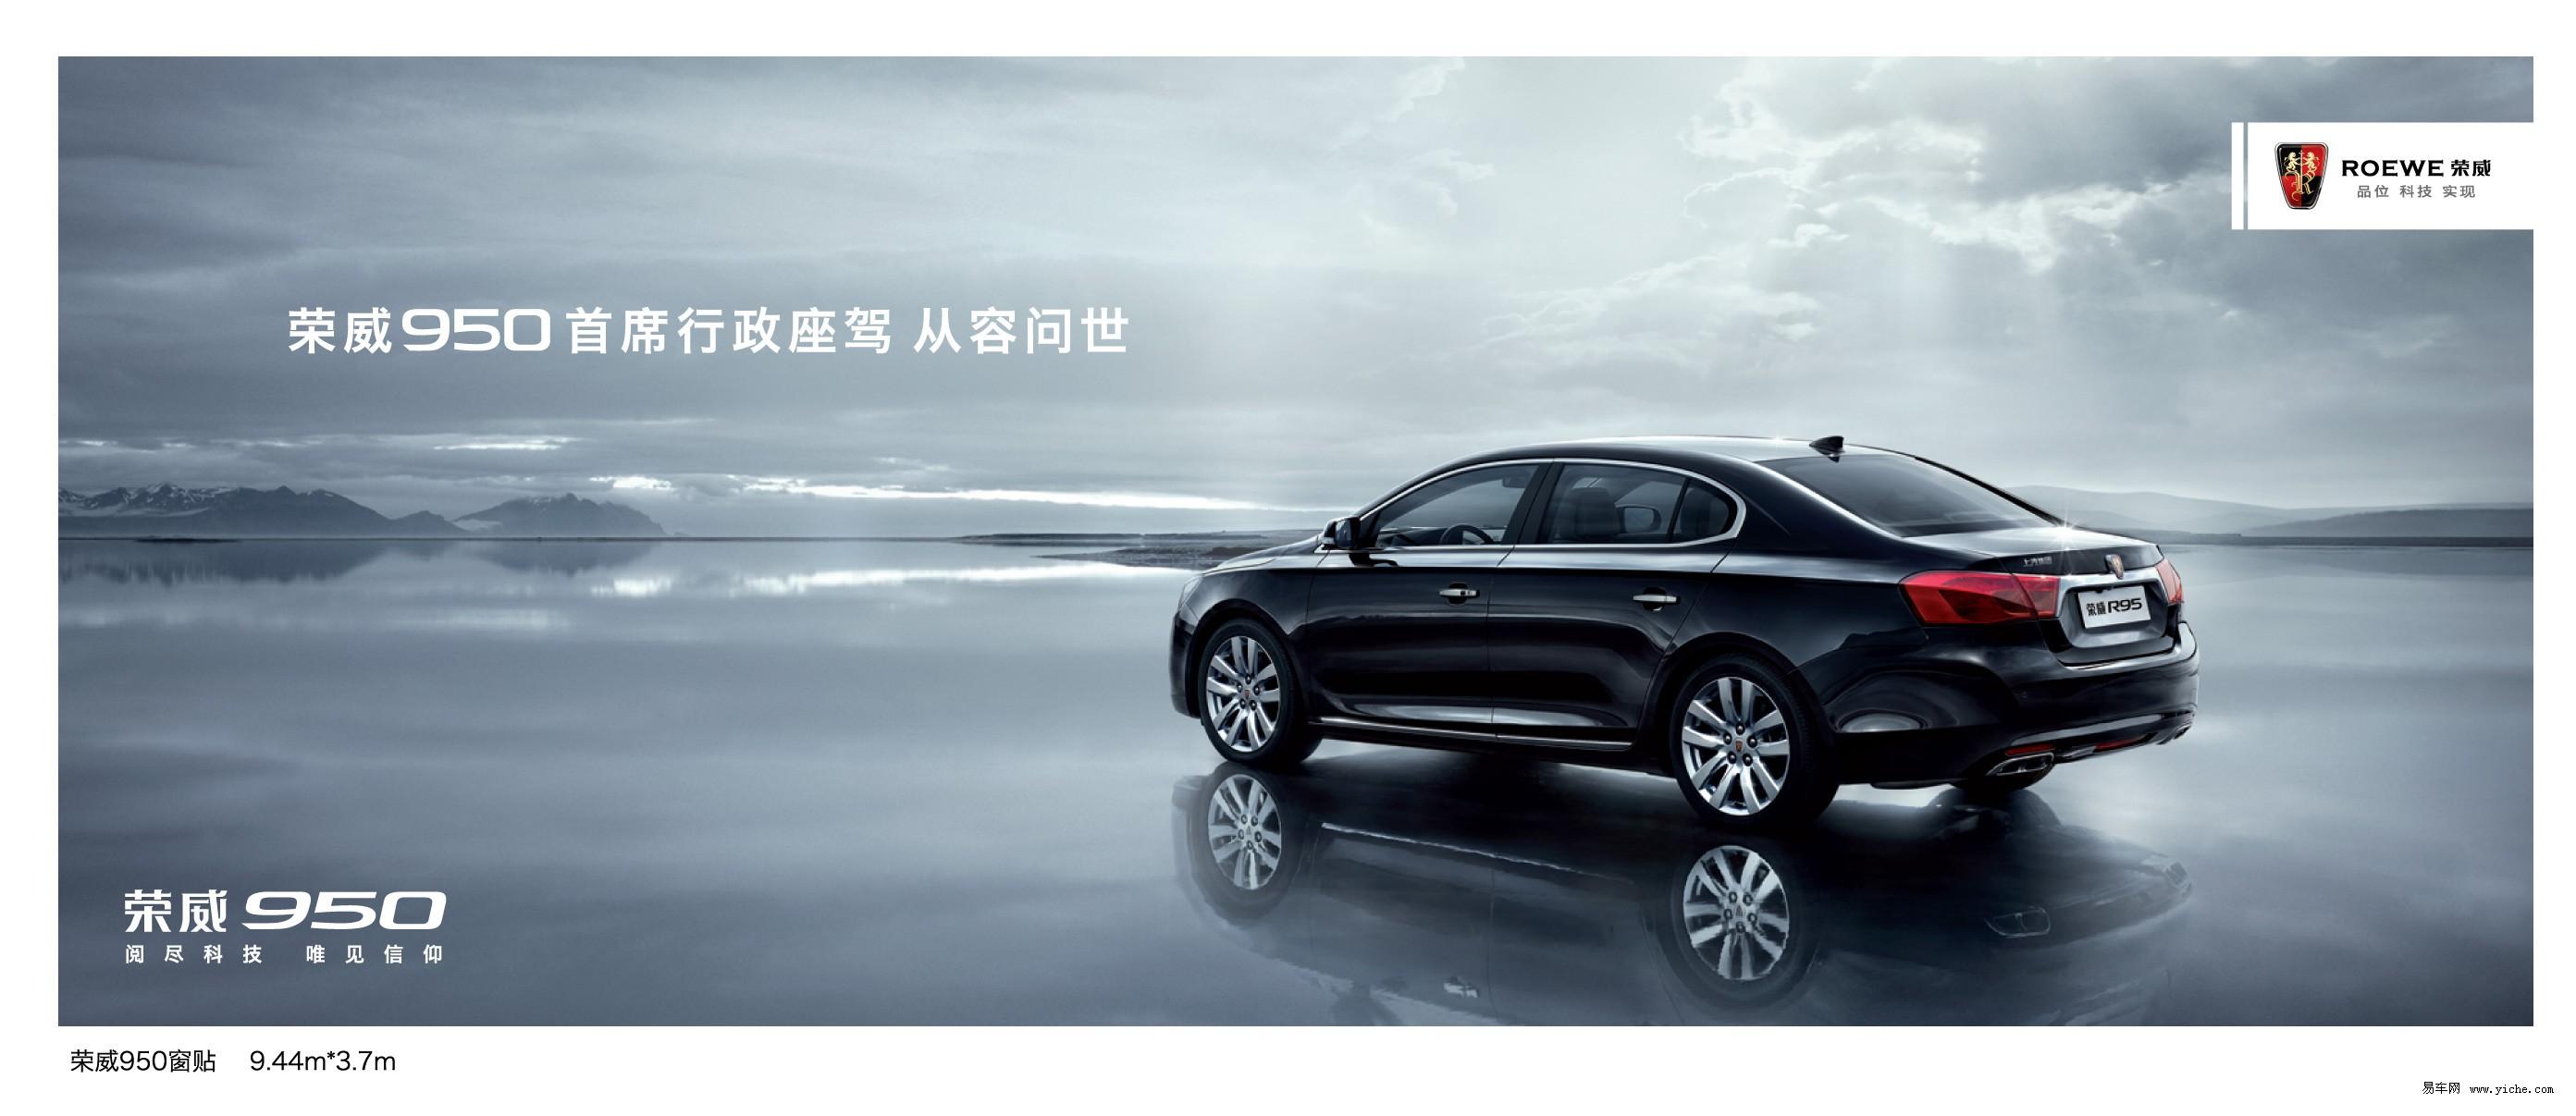 金华申孚荣威汽车旗舰车型950上市发布会诚邀各位朋友参加